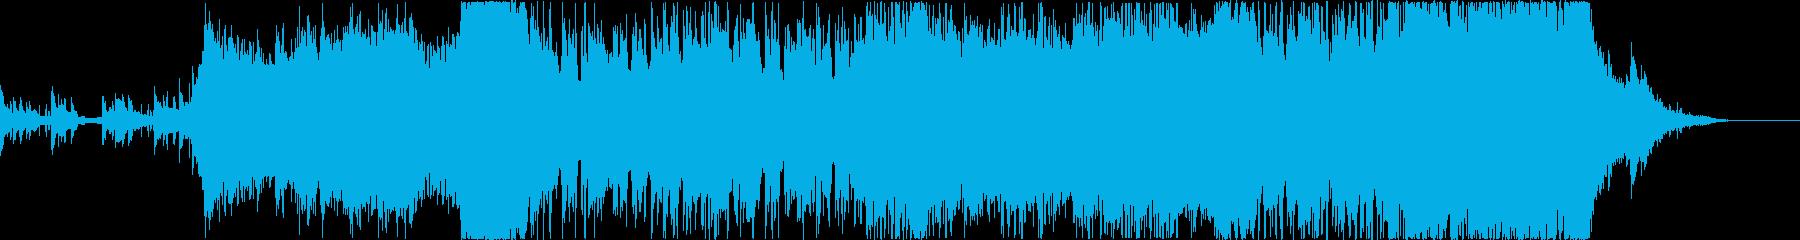 大規模映像作品推奨:ロックなオーケストラの再生済みの波形